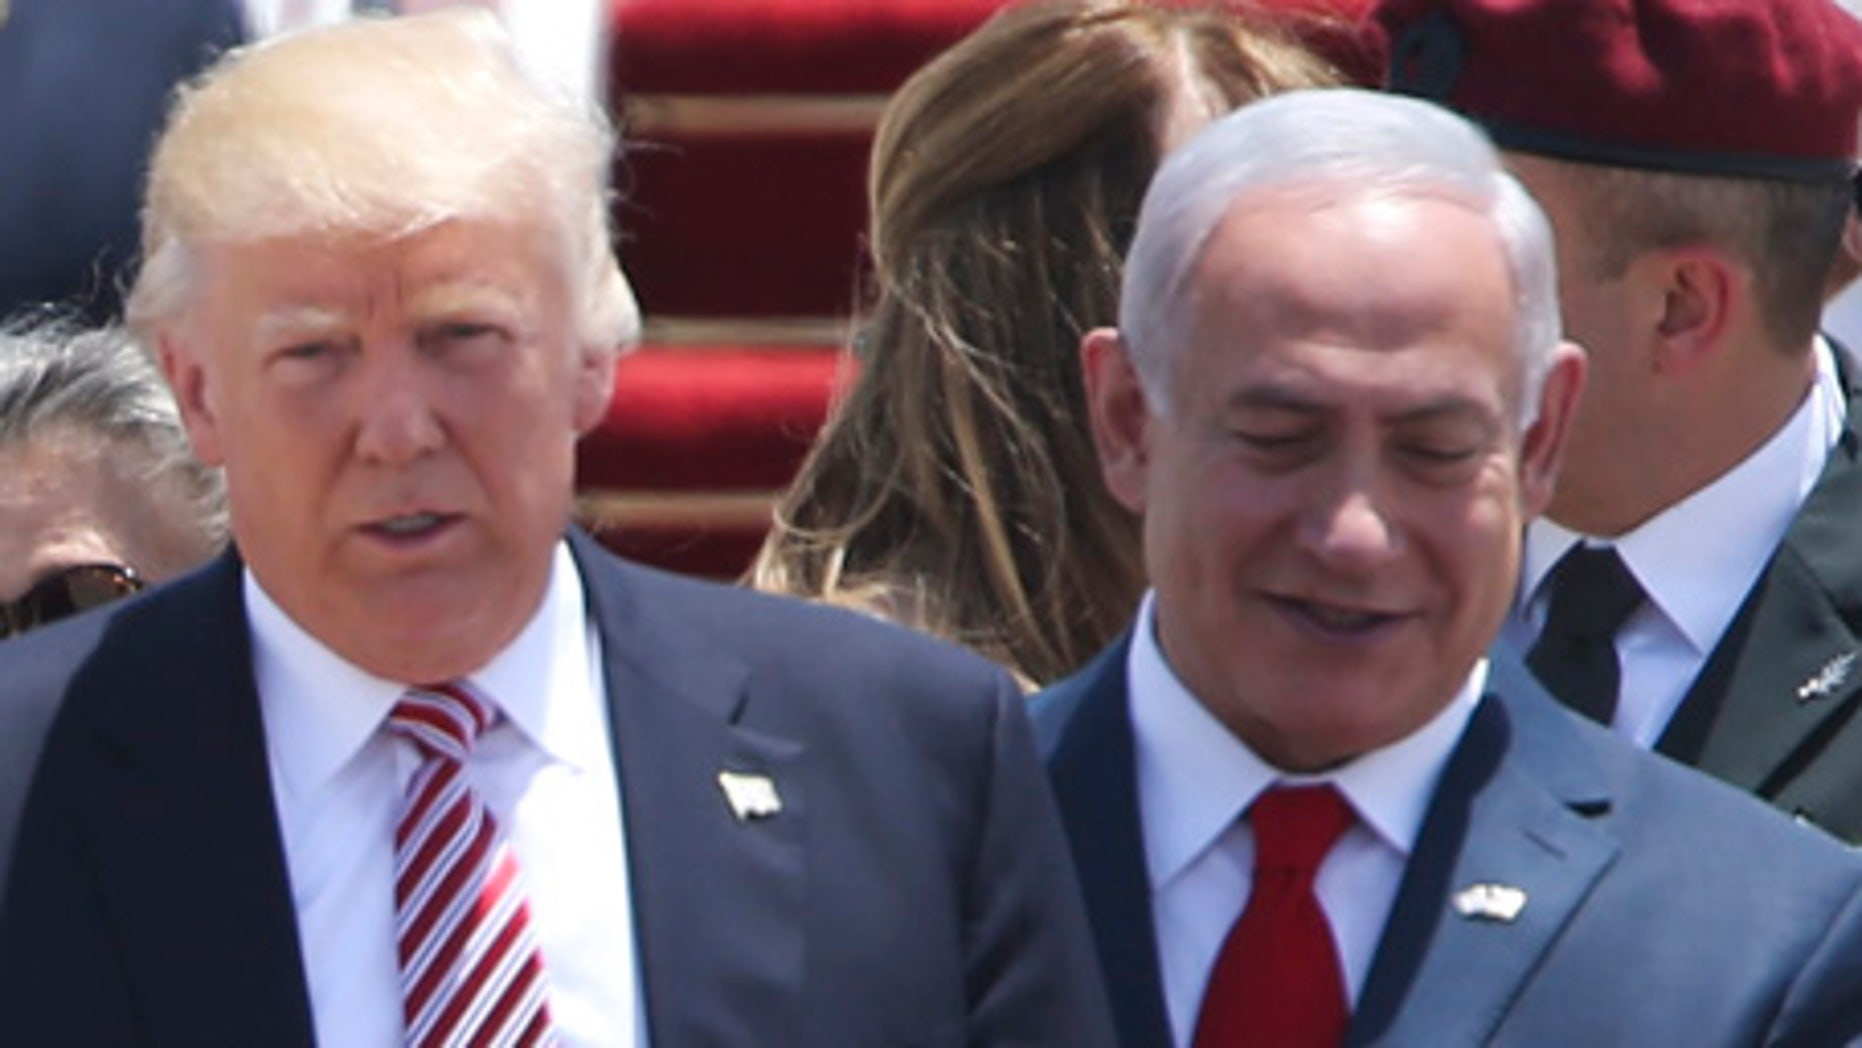 President Donald Trump in Tel Aviv May 22, 2017